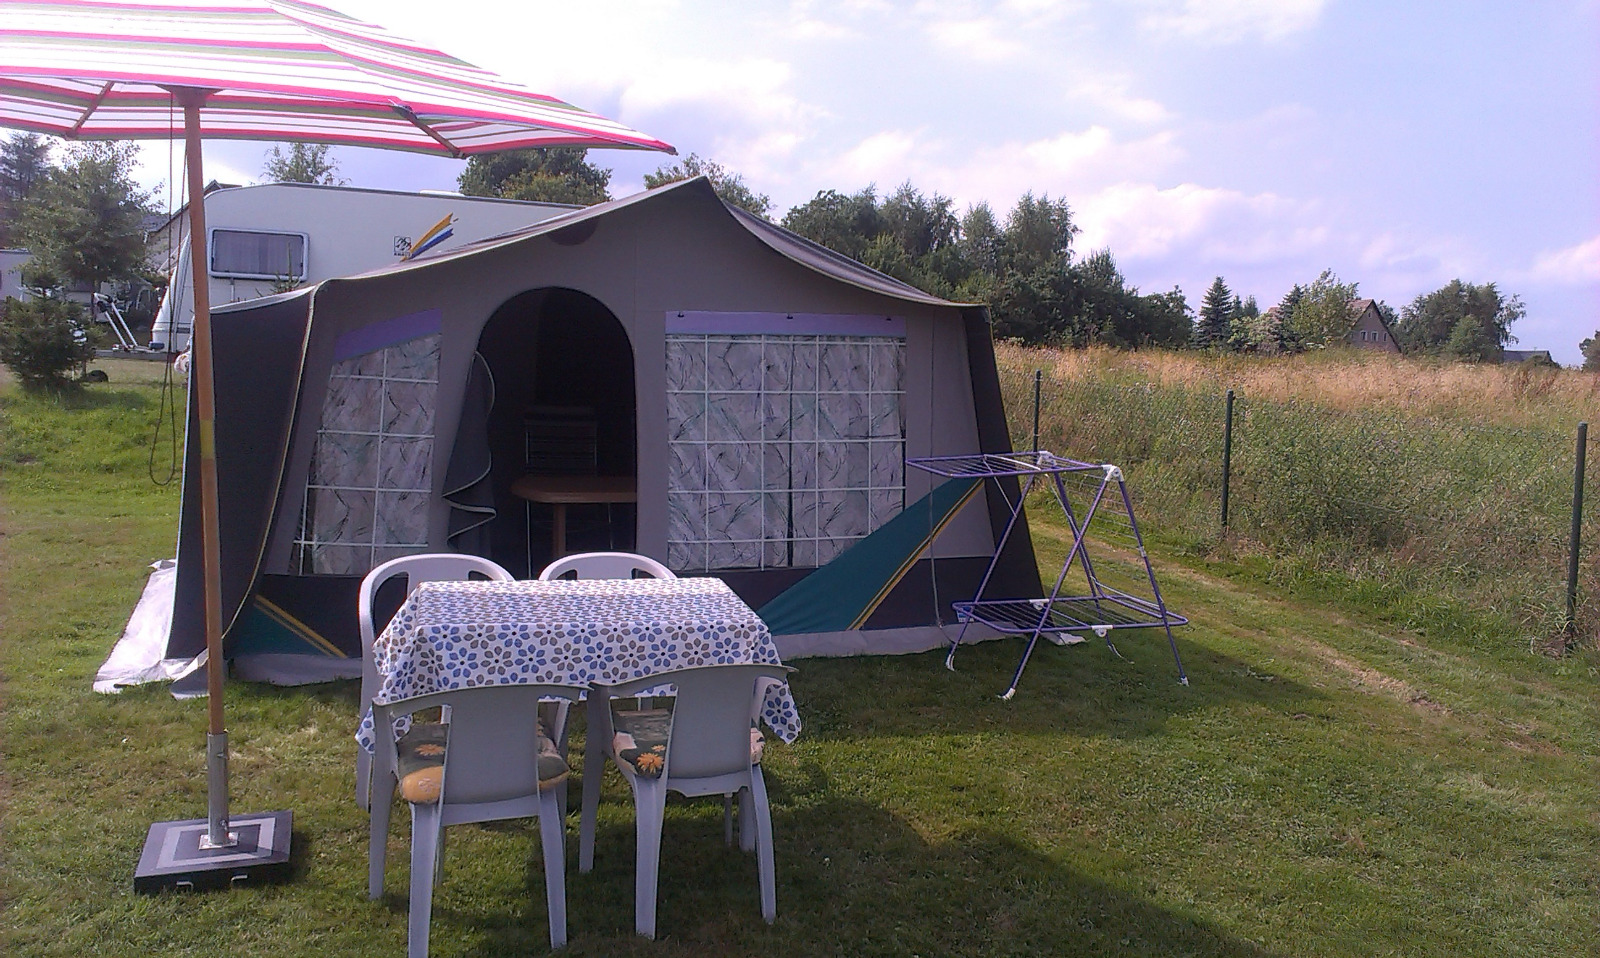 Camping Mirsk – Kamperen in Polen in mooie omgeving met bergen